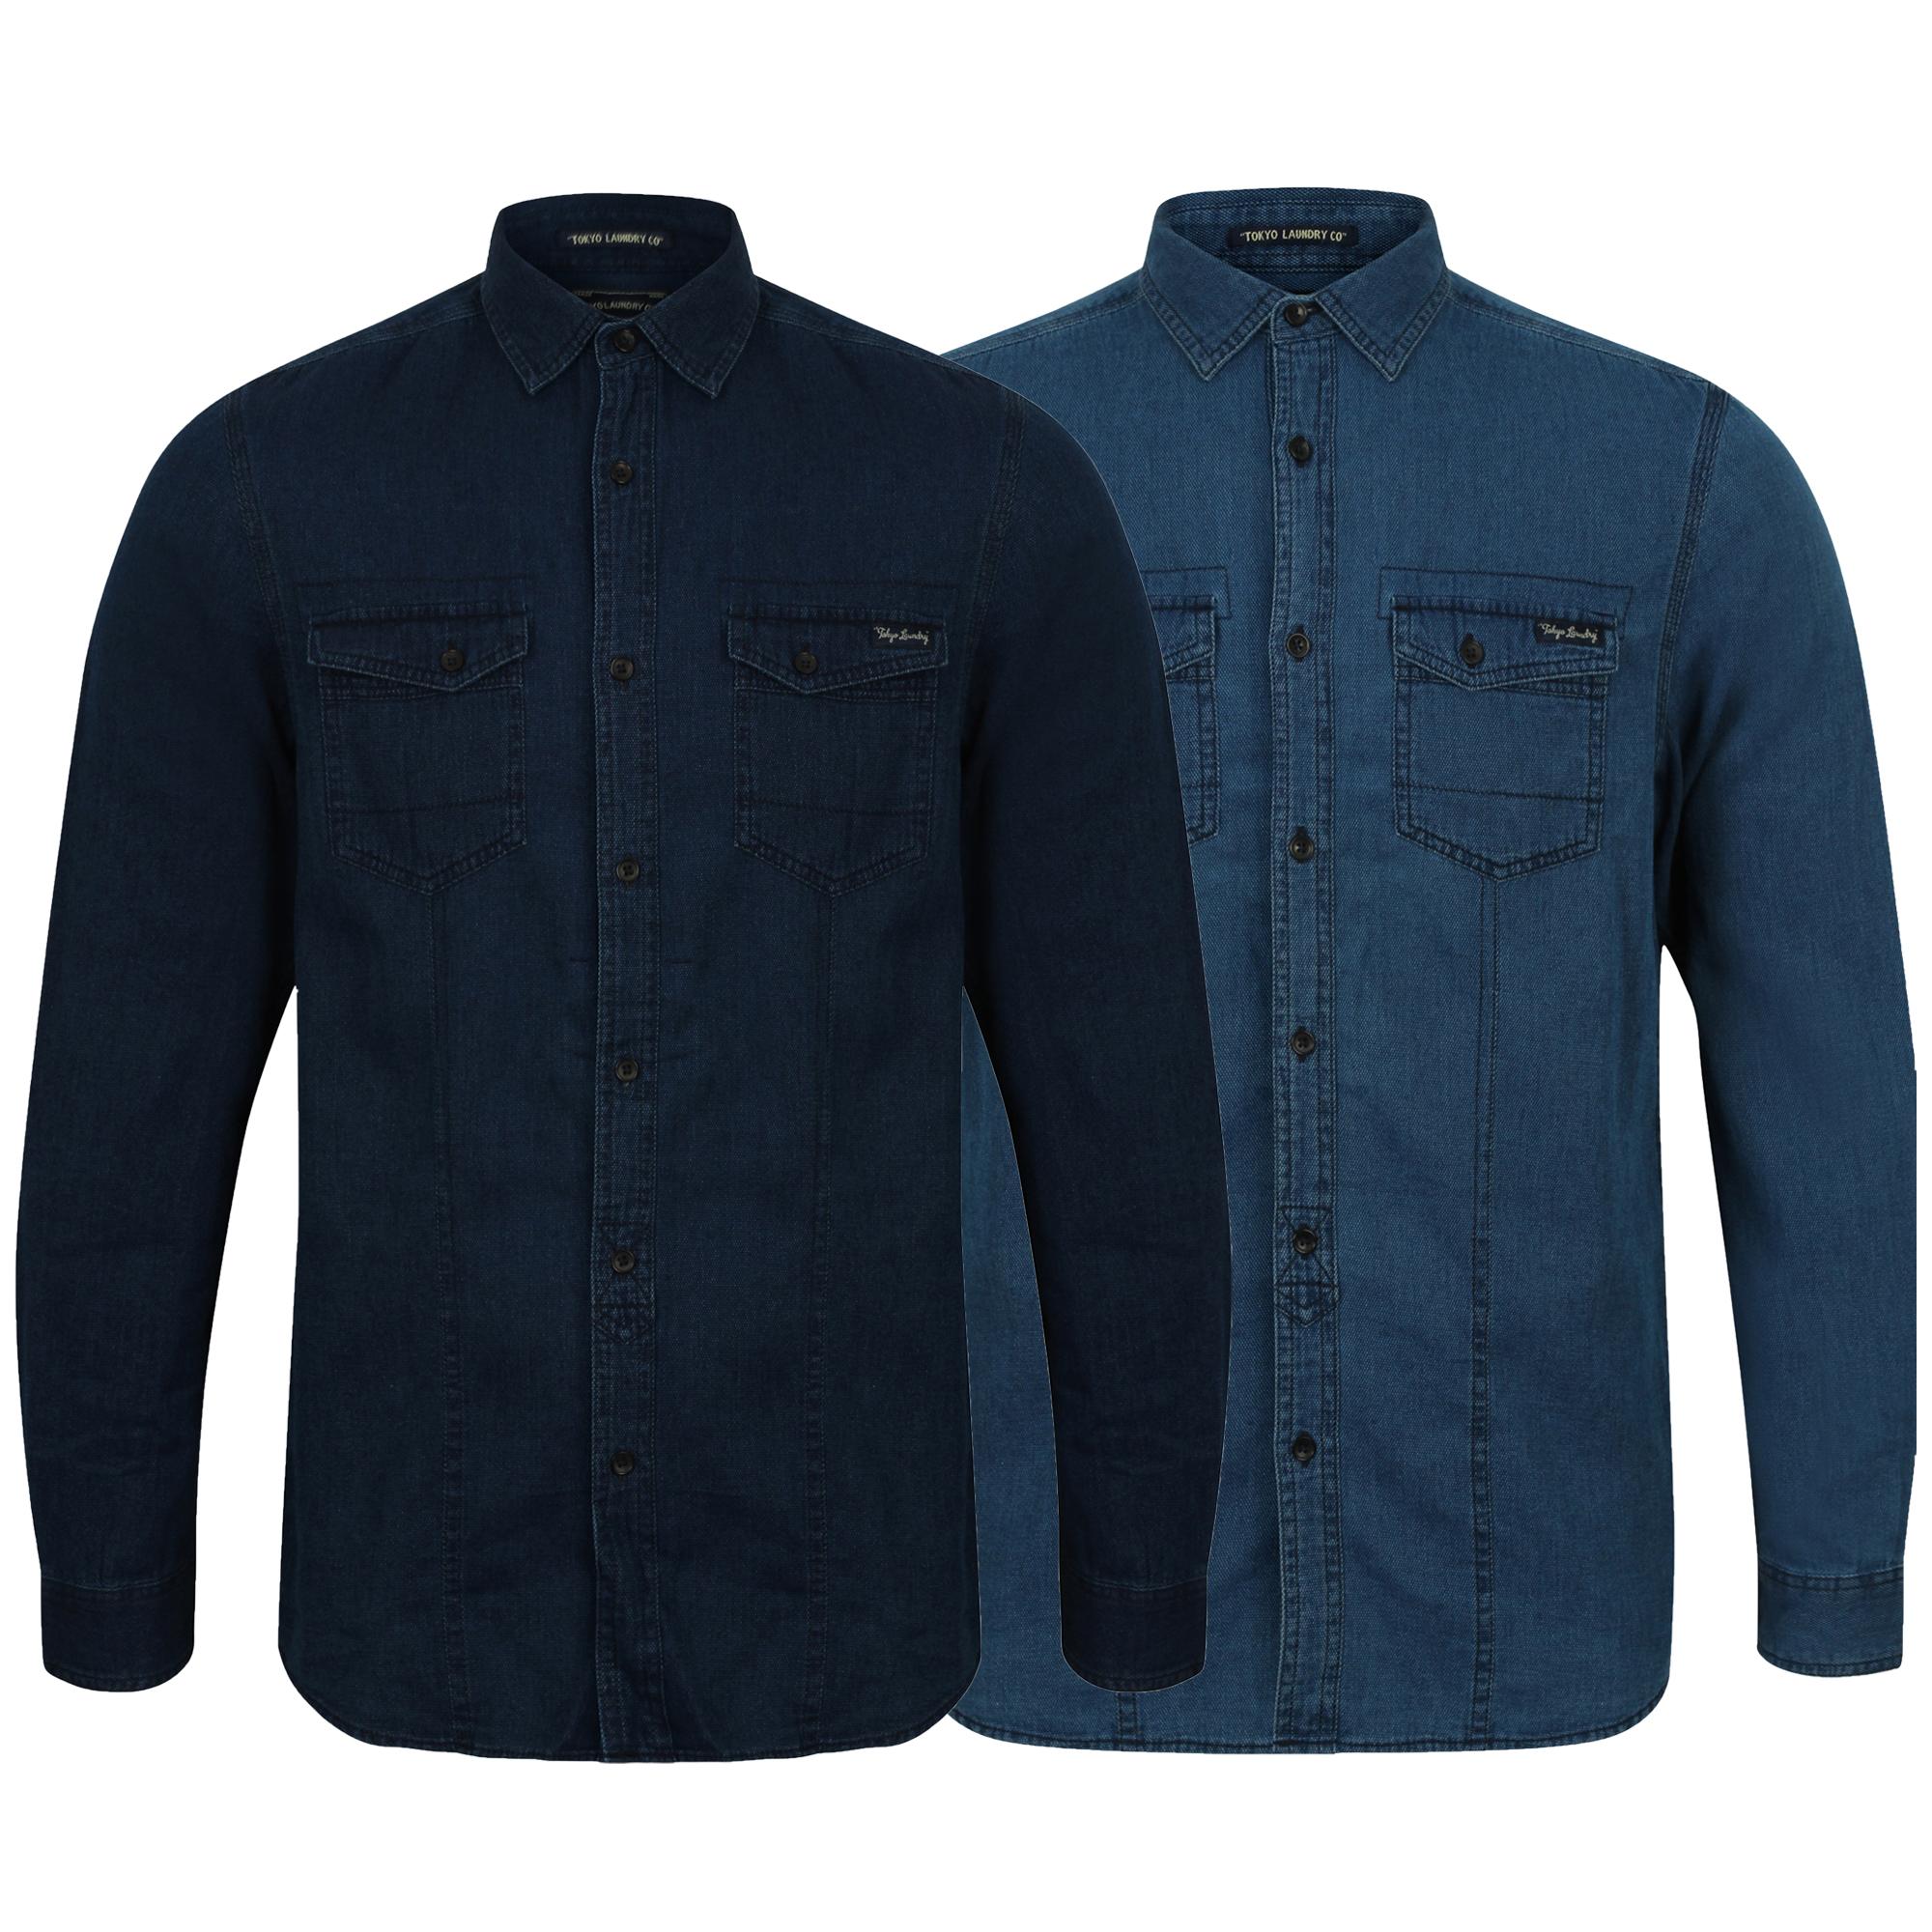 Da-Uomo-Camicie-Di-Jeans-Tokyo-Laundry-Cotone-a-Maniche-Lunghe-Con-Colletto-Top-Casual-Designer